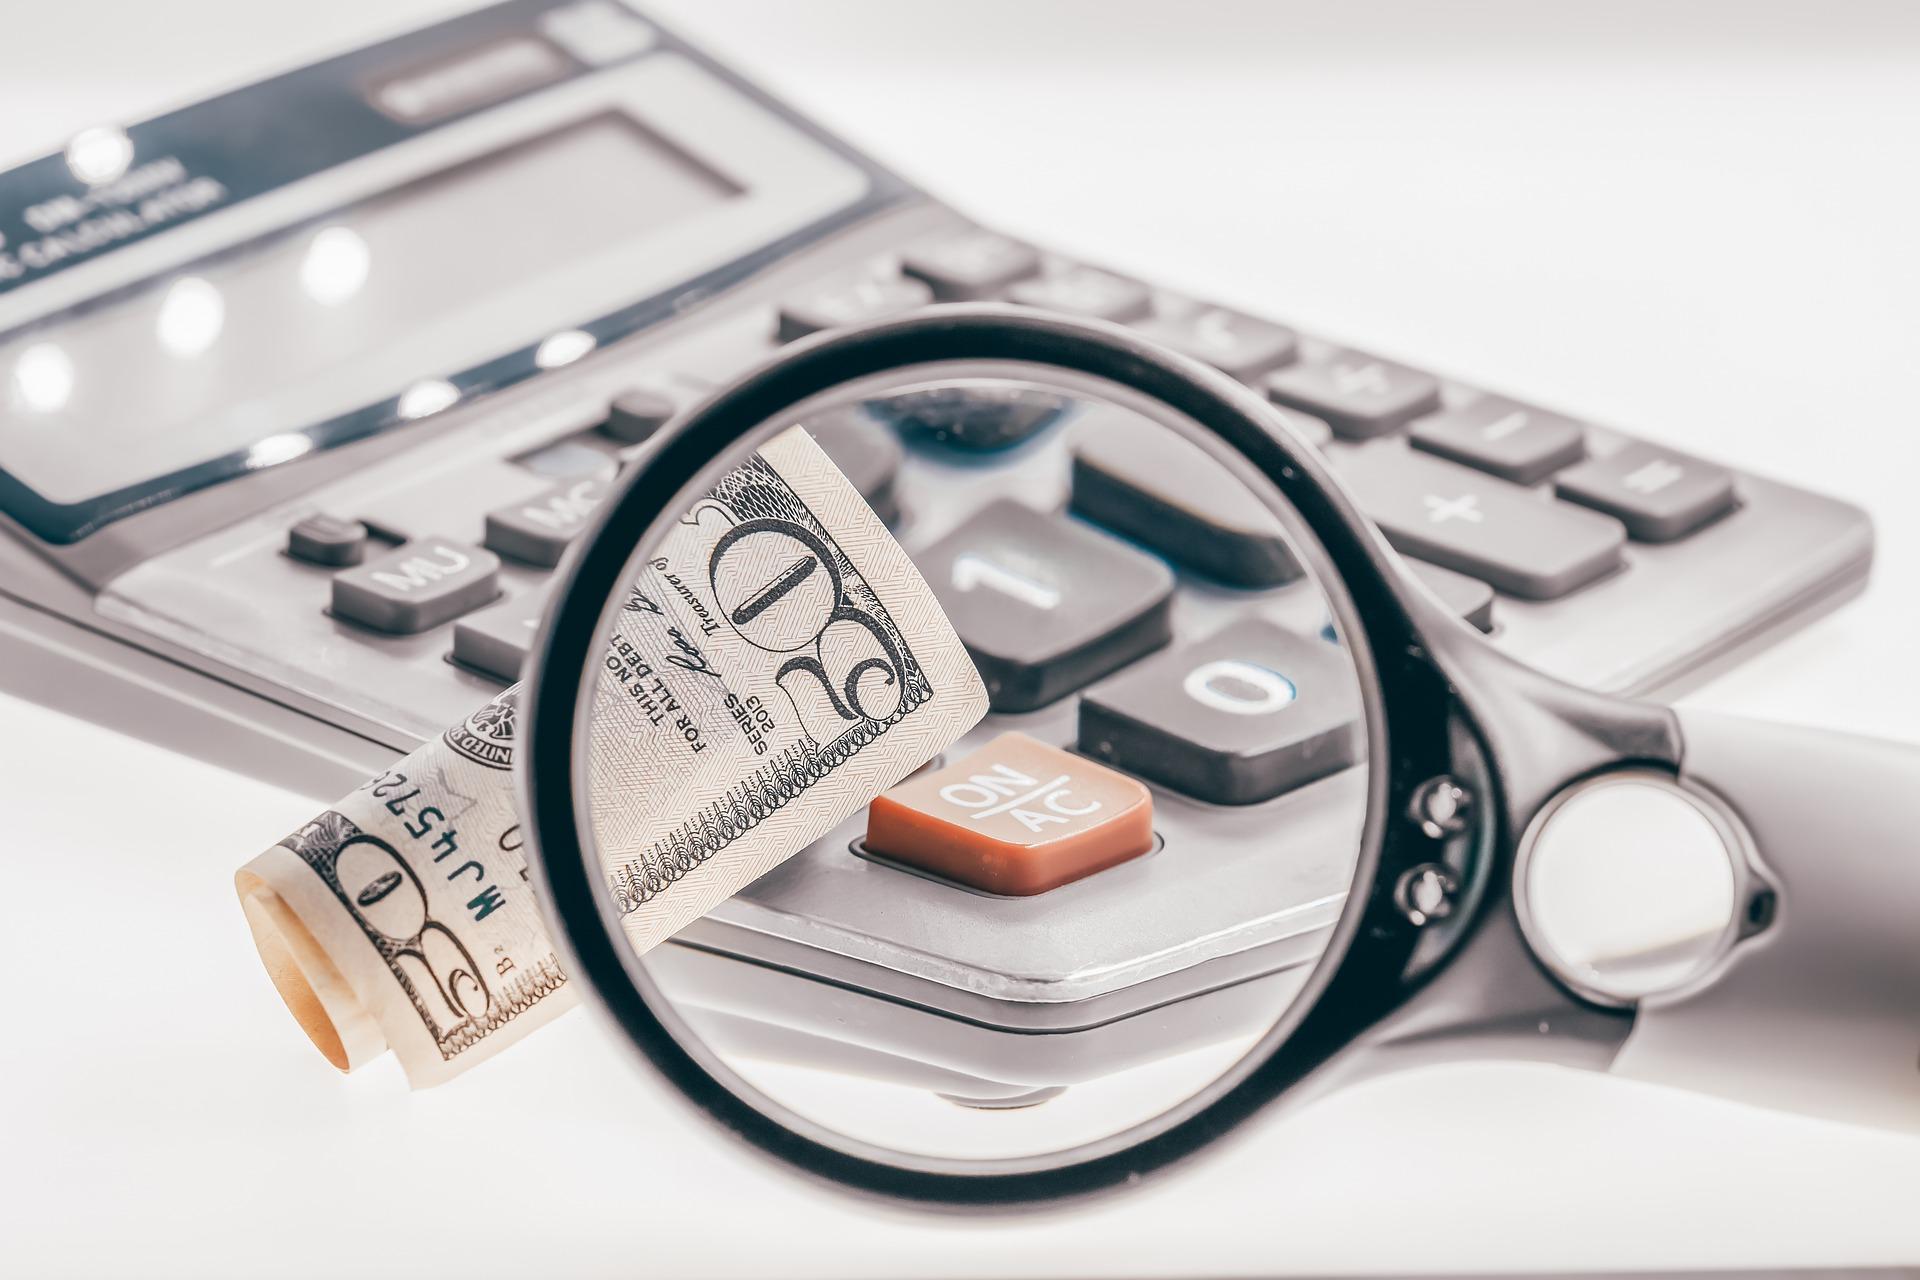 【VOO】レバレッジETFの基礎知識。投資をする前に考慮すべきポイント【TQQQ/S&P500/SPXL】